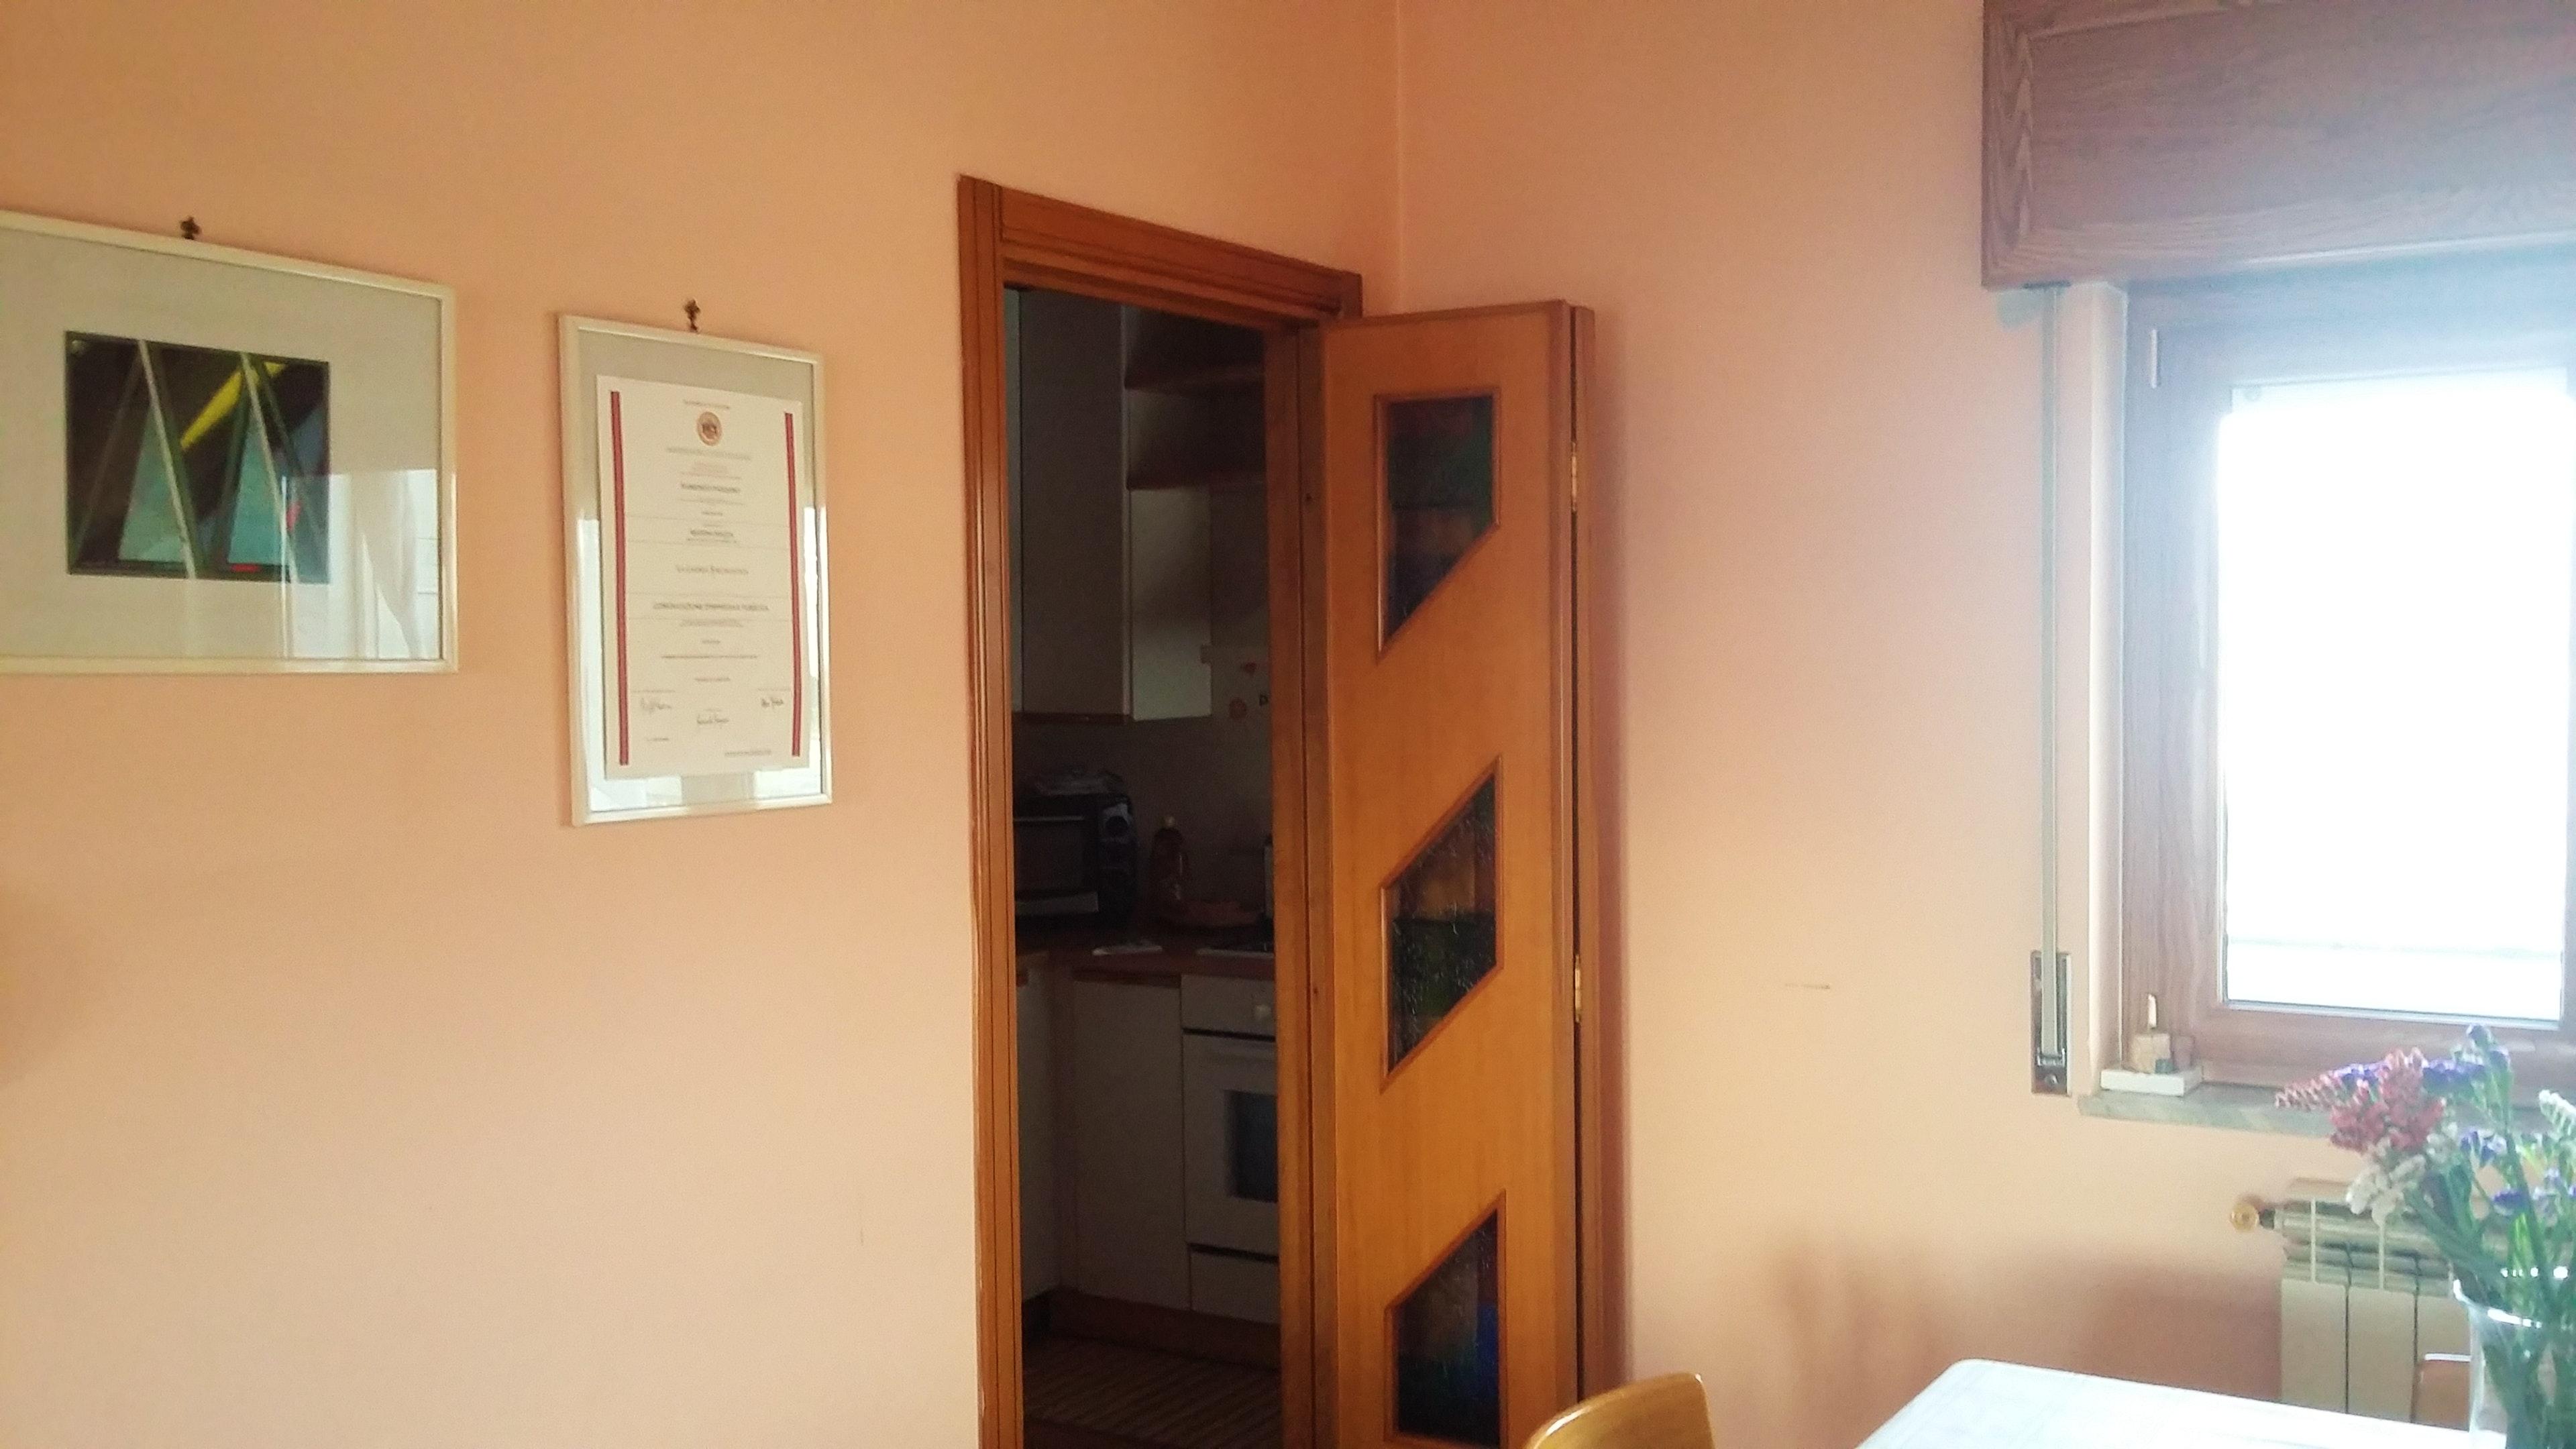 Ferienwohnung Wohnung mit 3 Schlafzimmern in Angri mit schöner Aussicht auf die Stadt und möbliertem Bal (2557376), Angri, Salerno, Kampanien, Italien, Bild 28